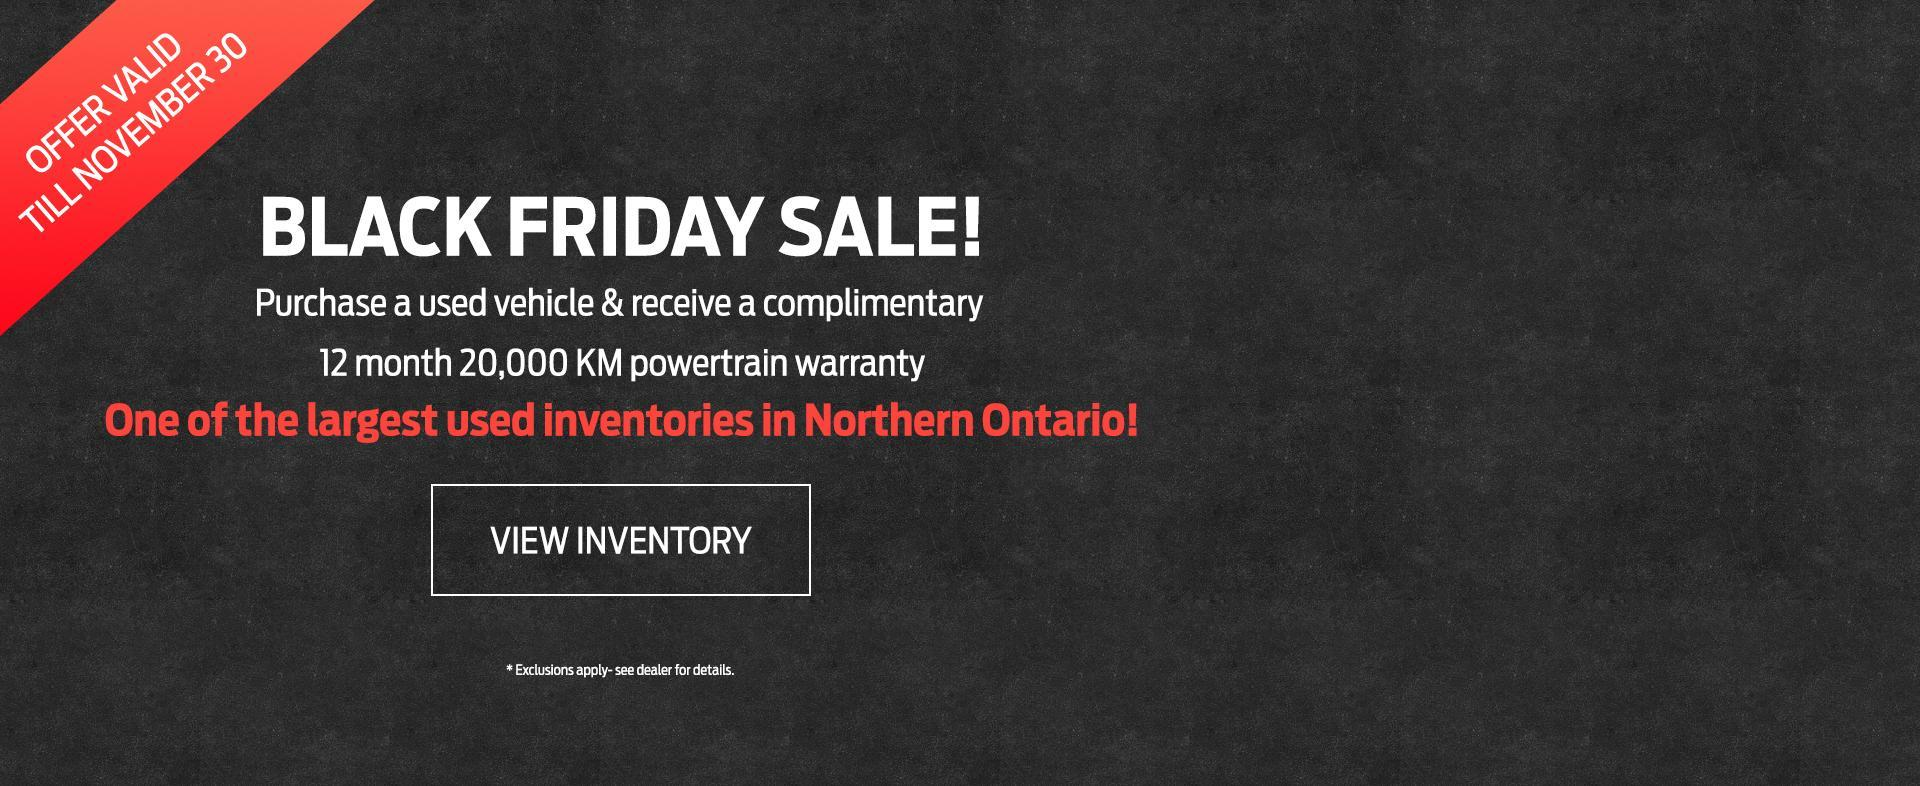 Used sale